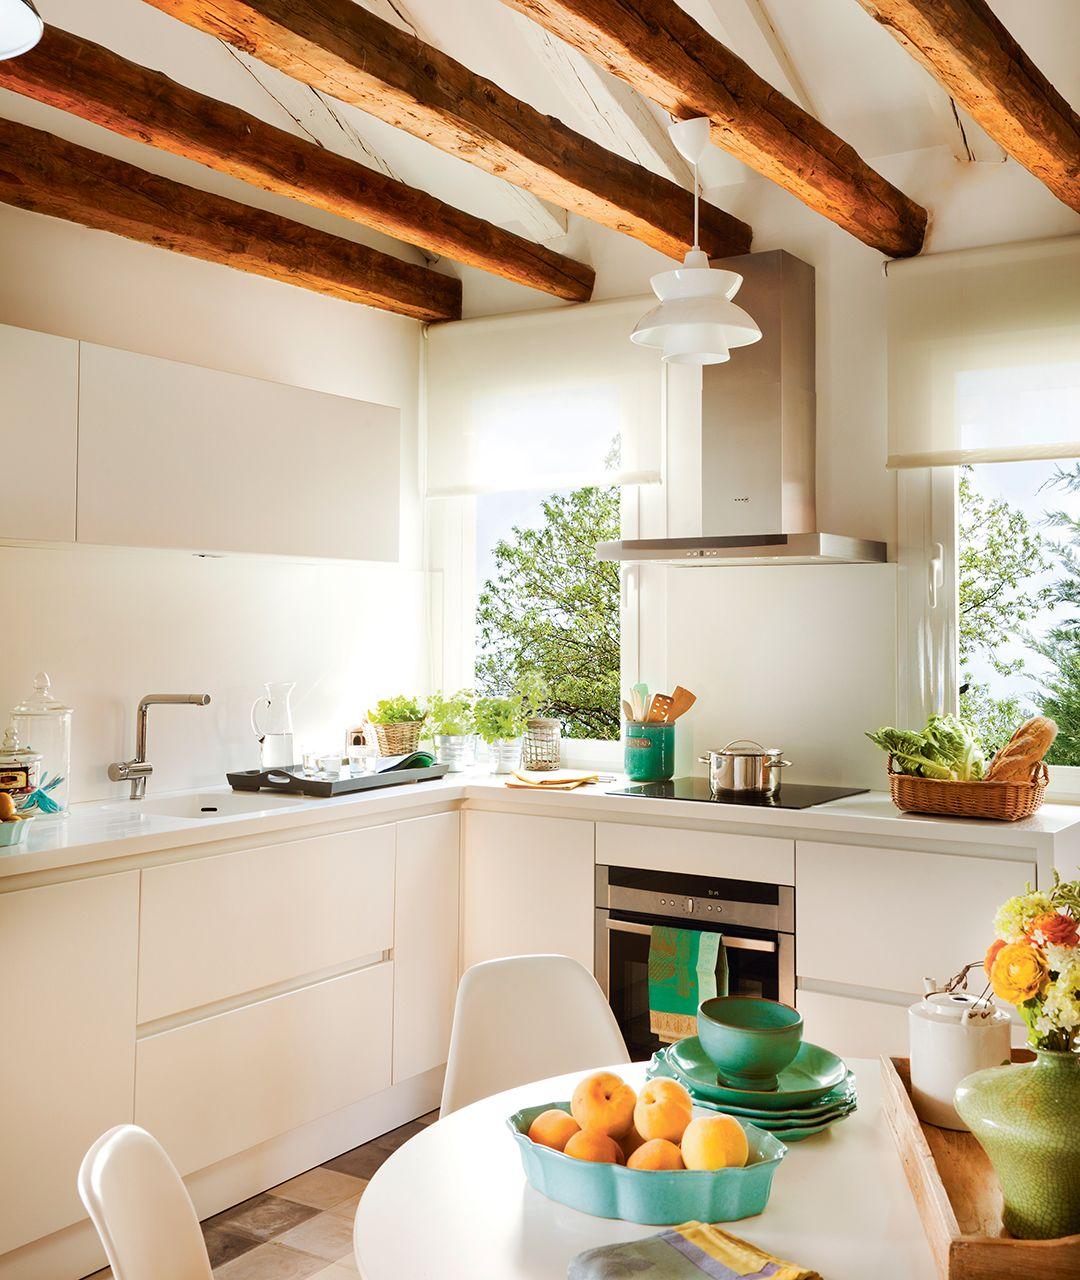 Grandes ideas para cocinas pequeñas | Vigas de madera, Decoracion ...